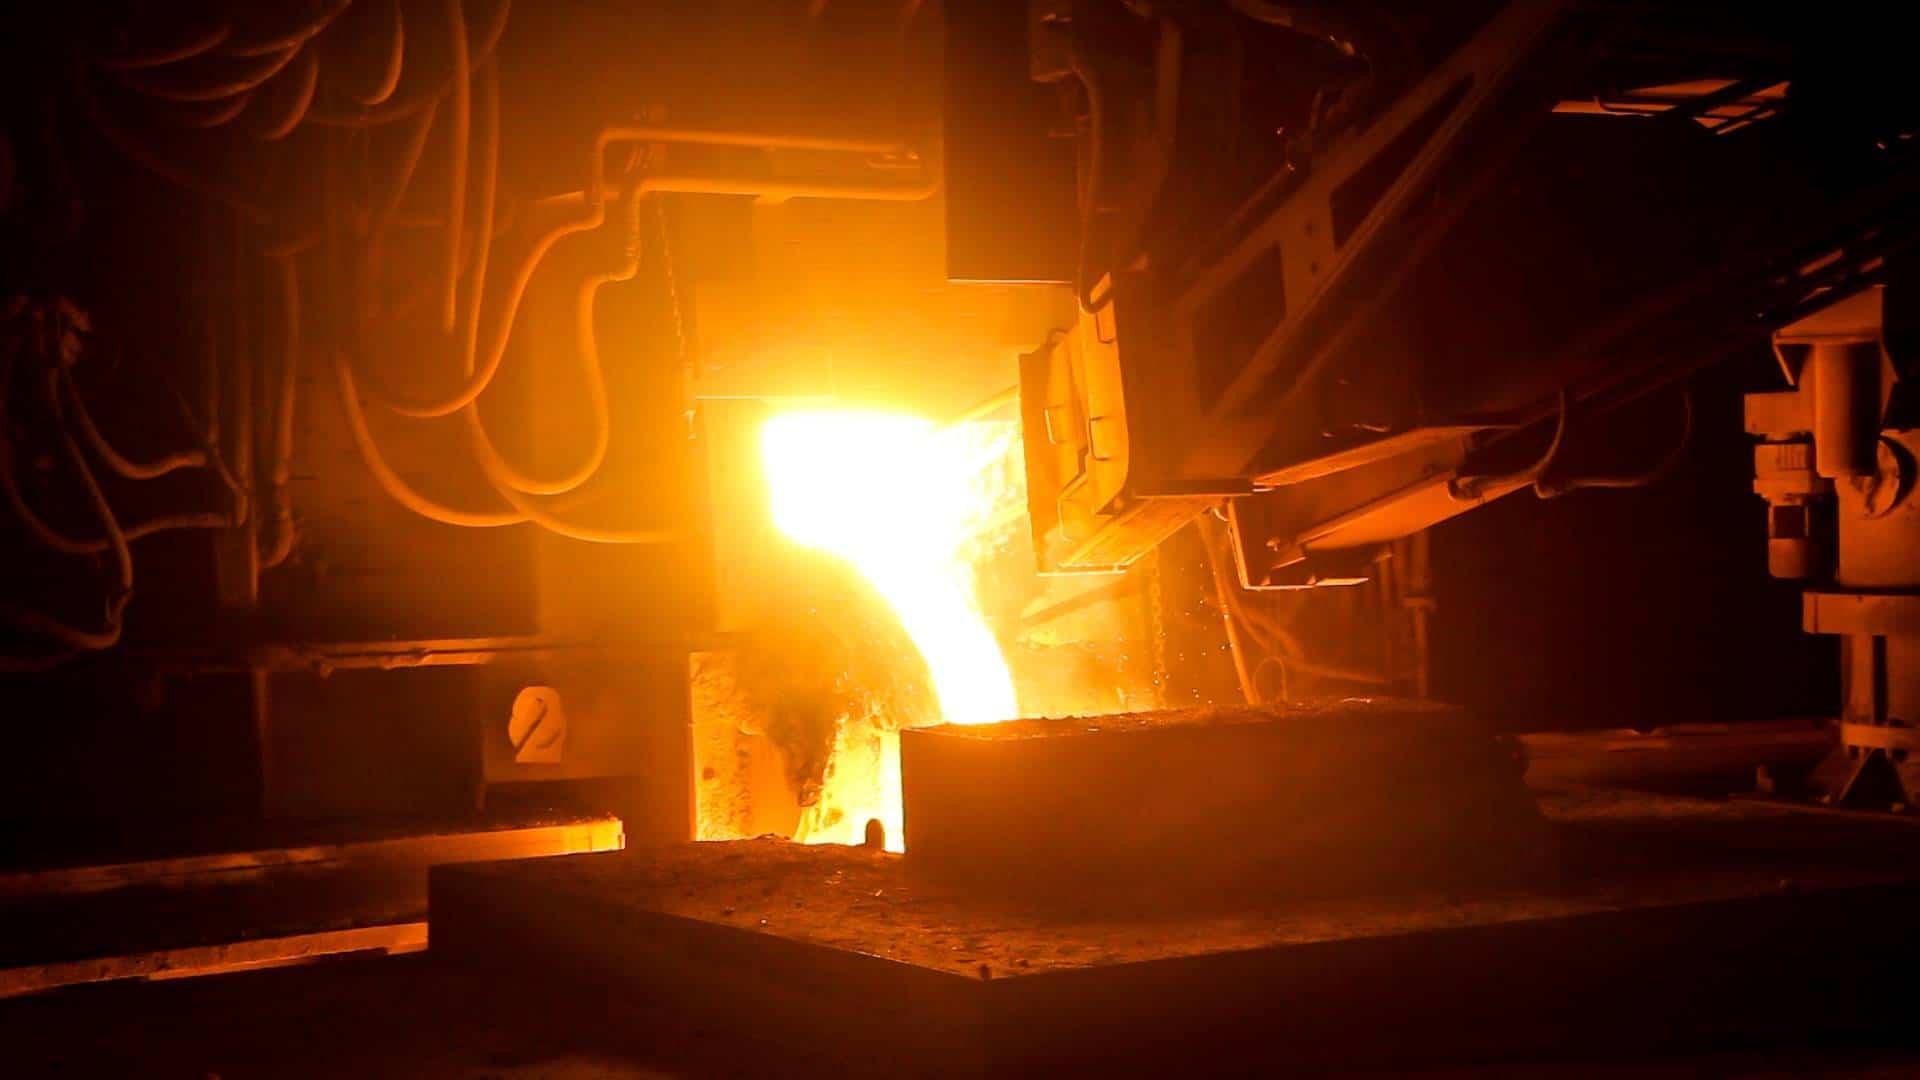 fundicion de metales no ferrosos conozca los insumos necesarios para llevarla a cabo